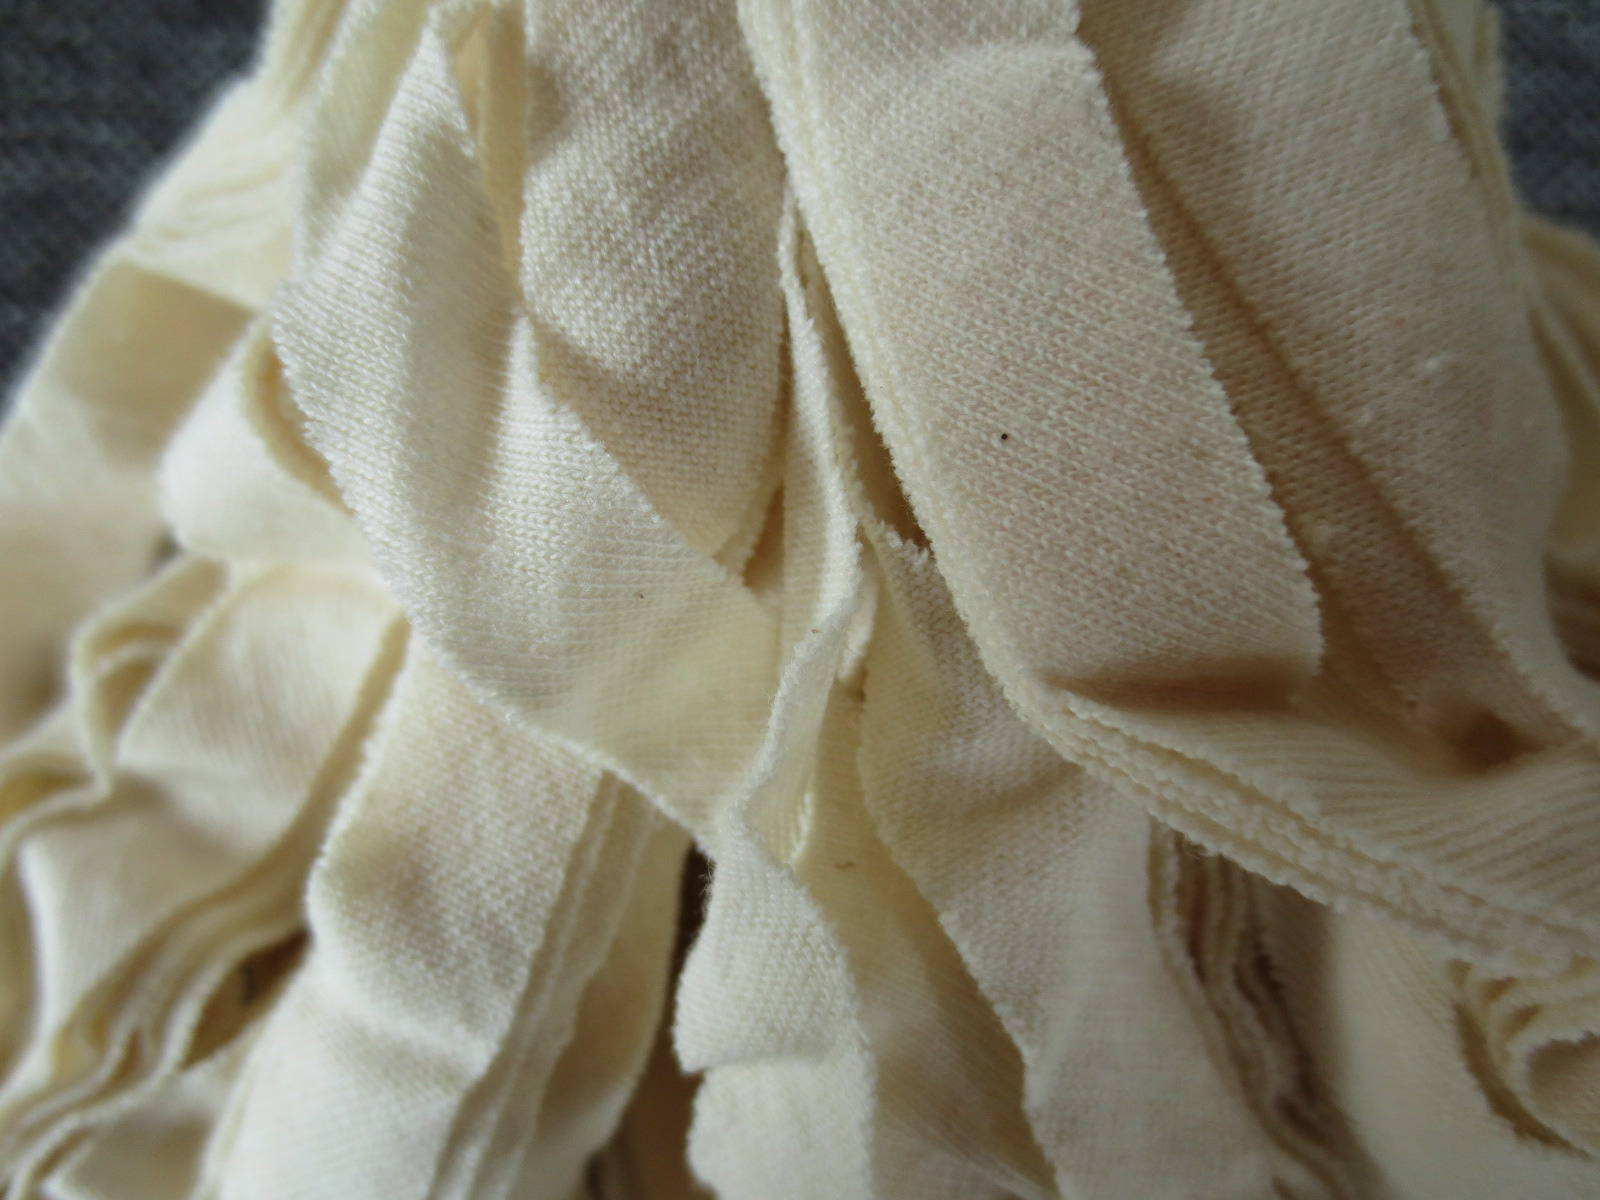 Echeveau de bande de jersey 100% coton coloris crème